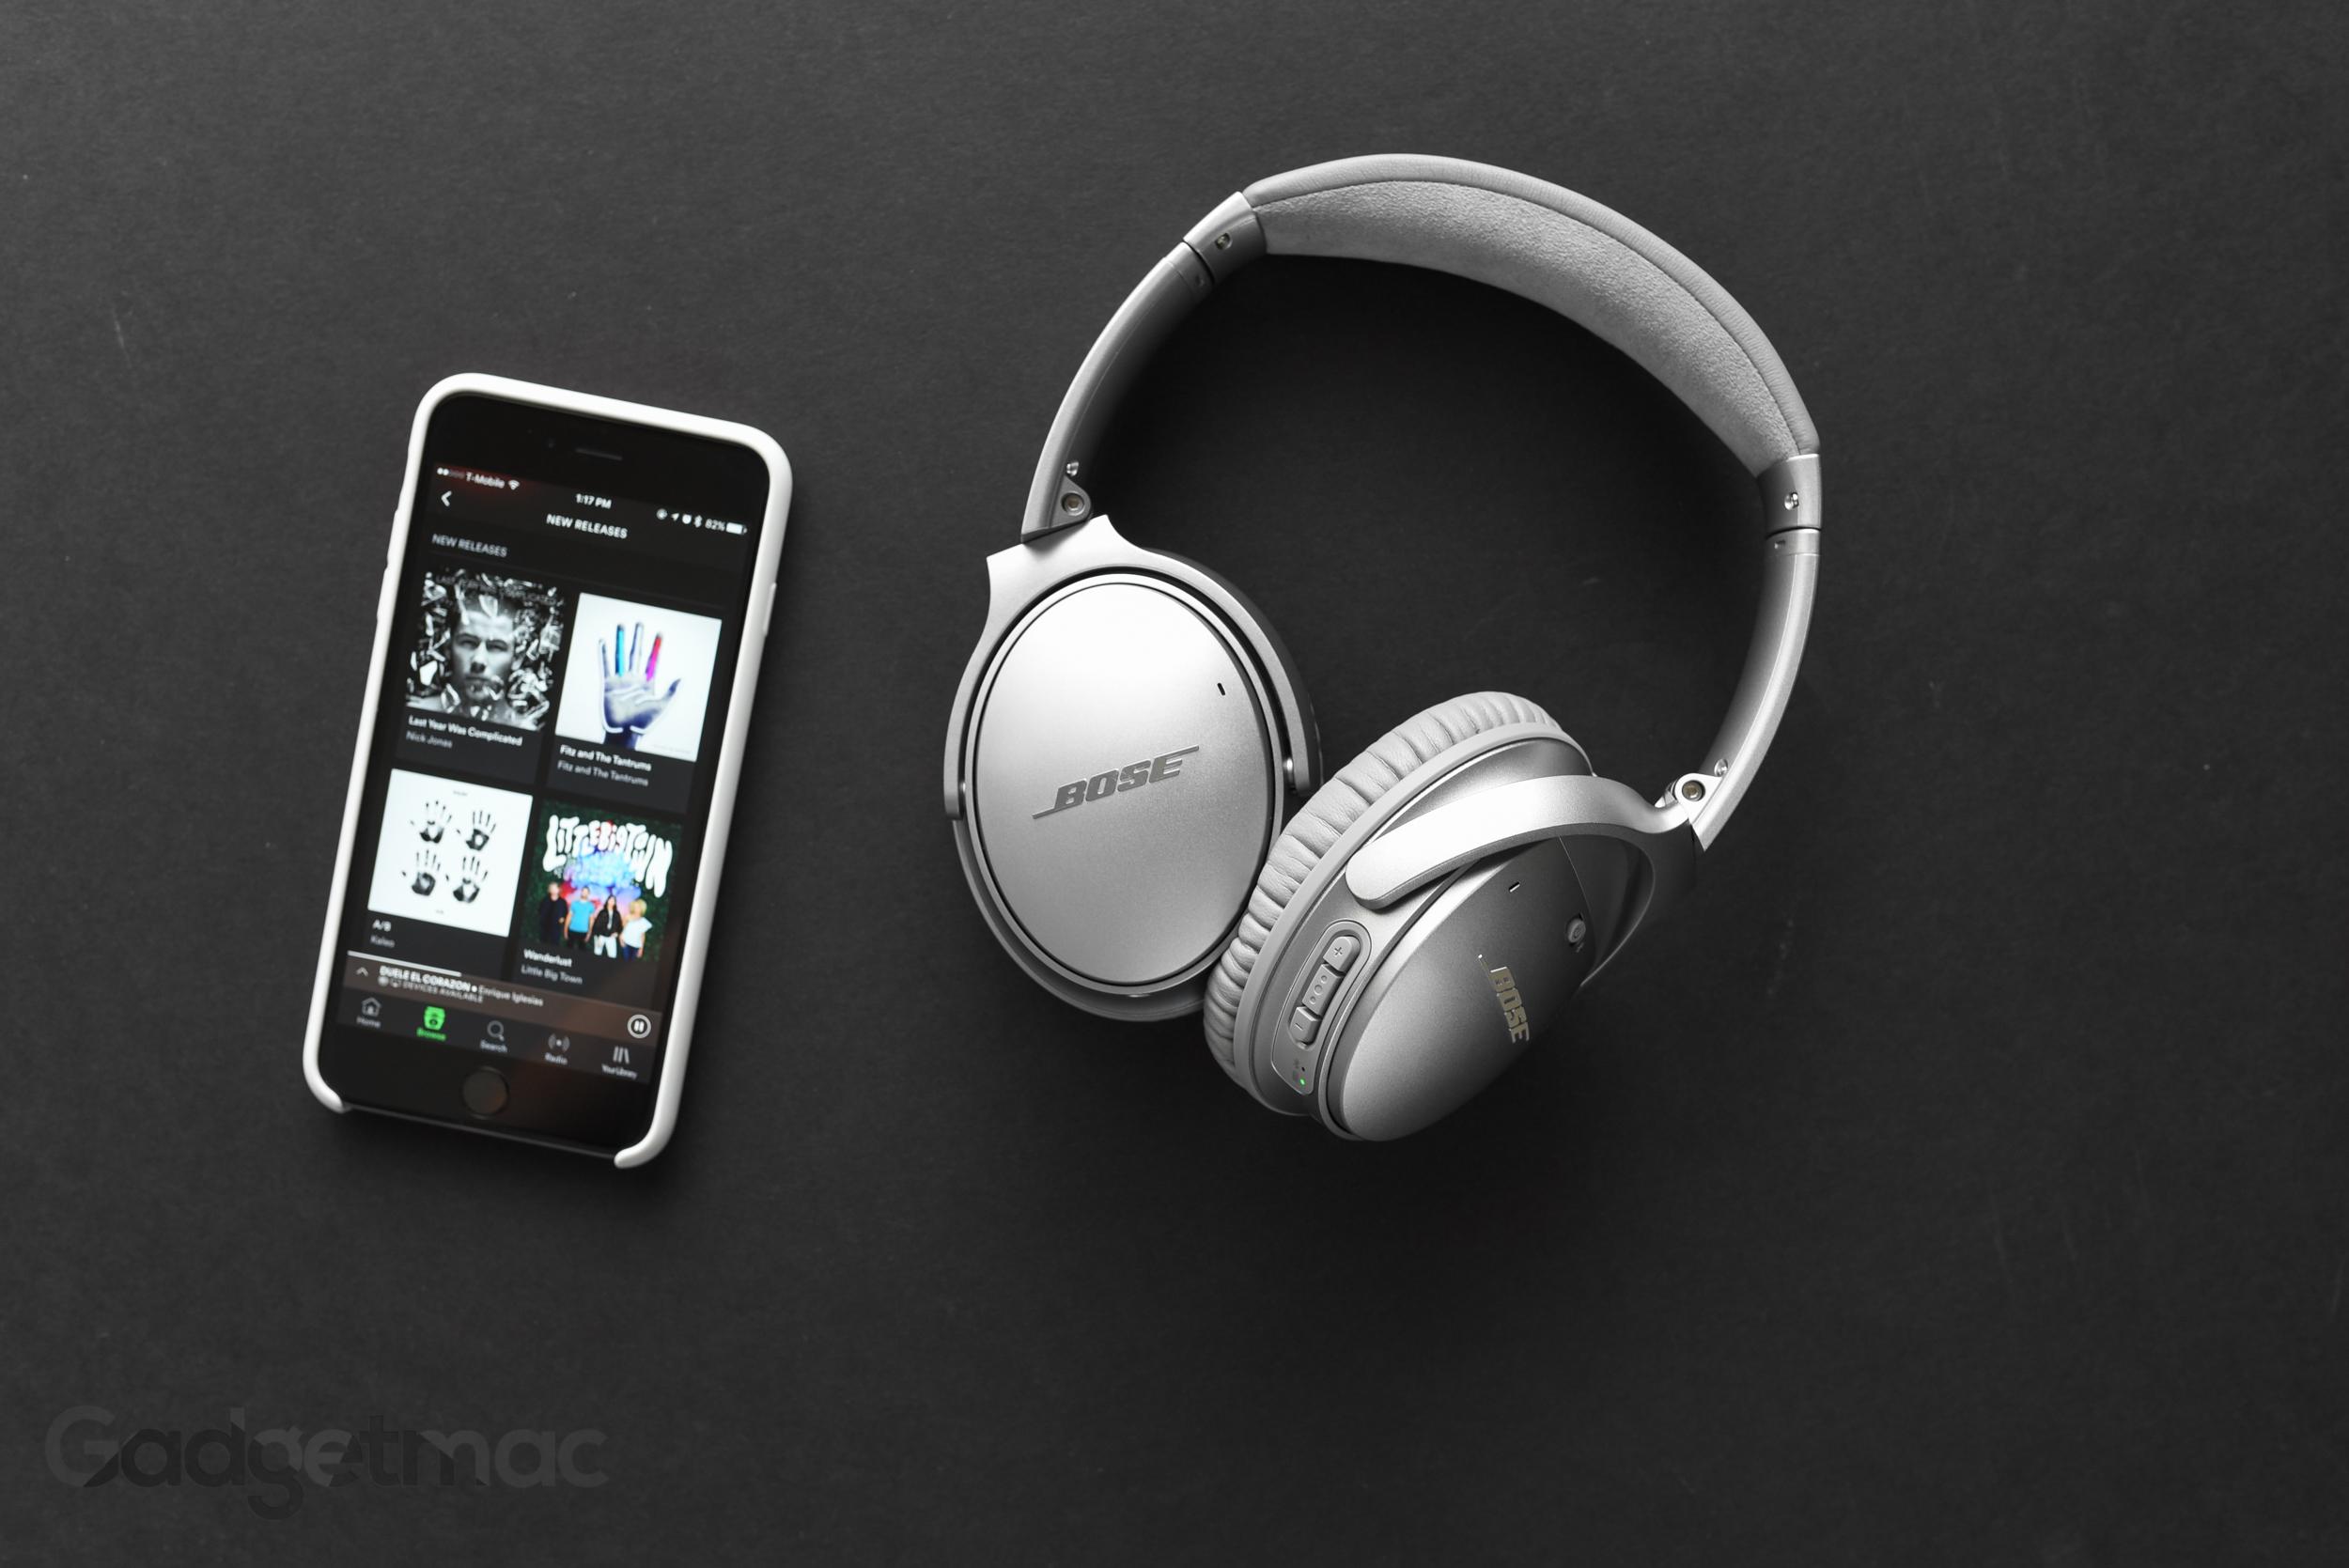 quietcomfort-35-wireless-headphones-4.jpg